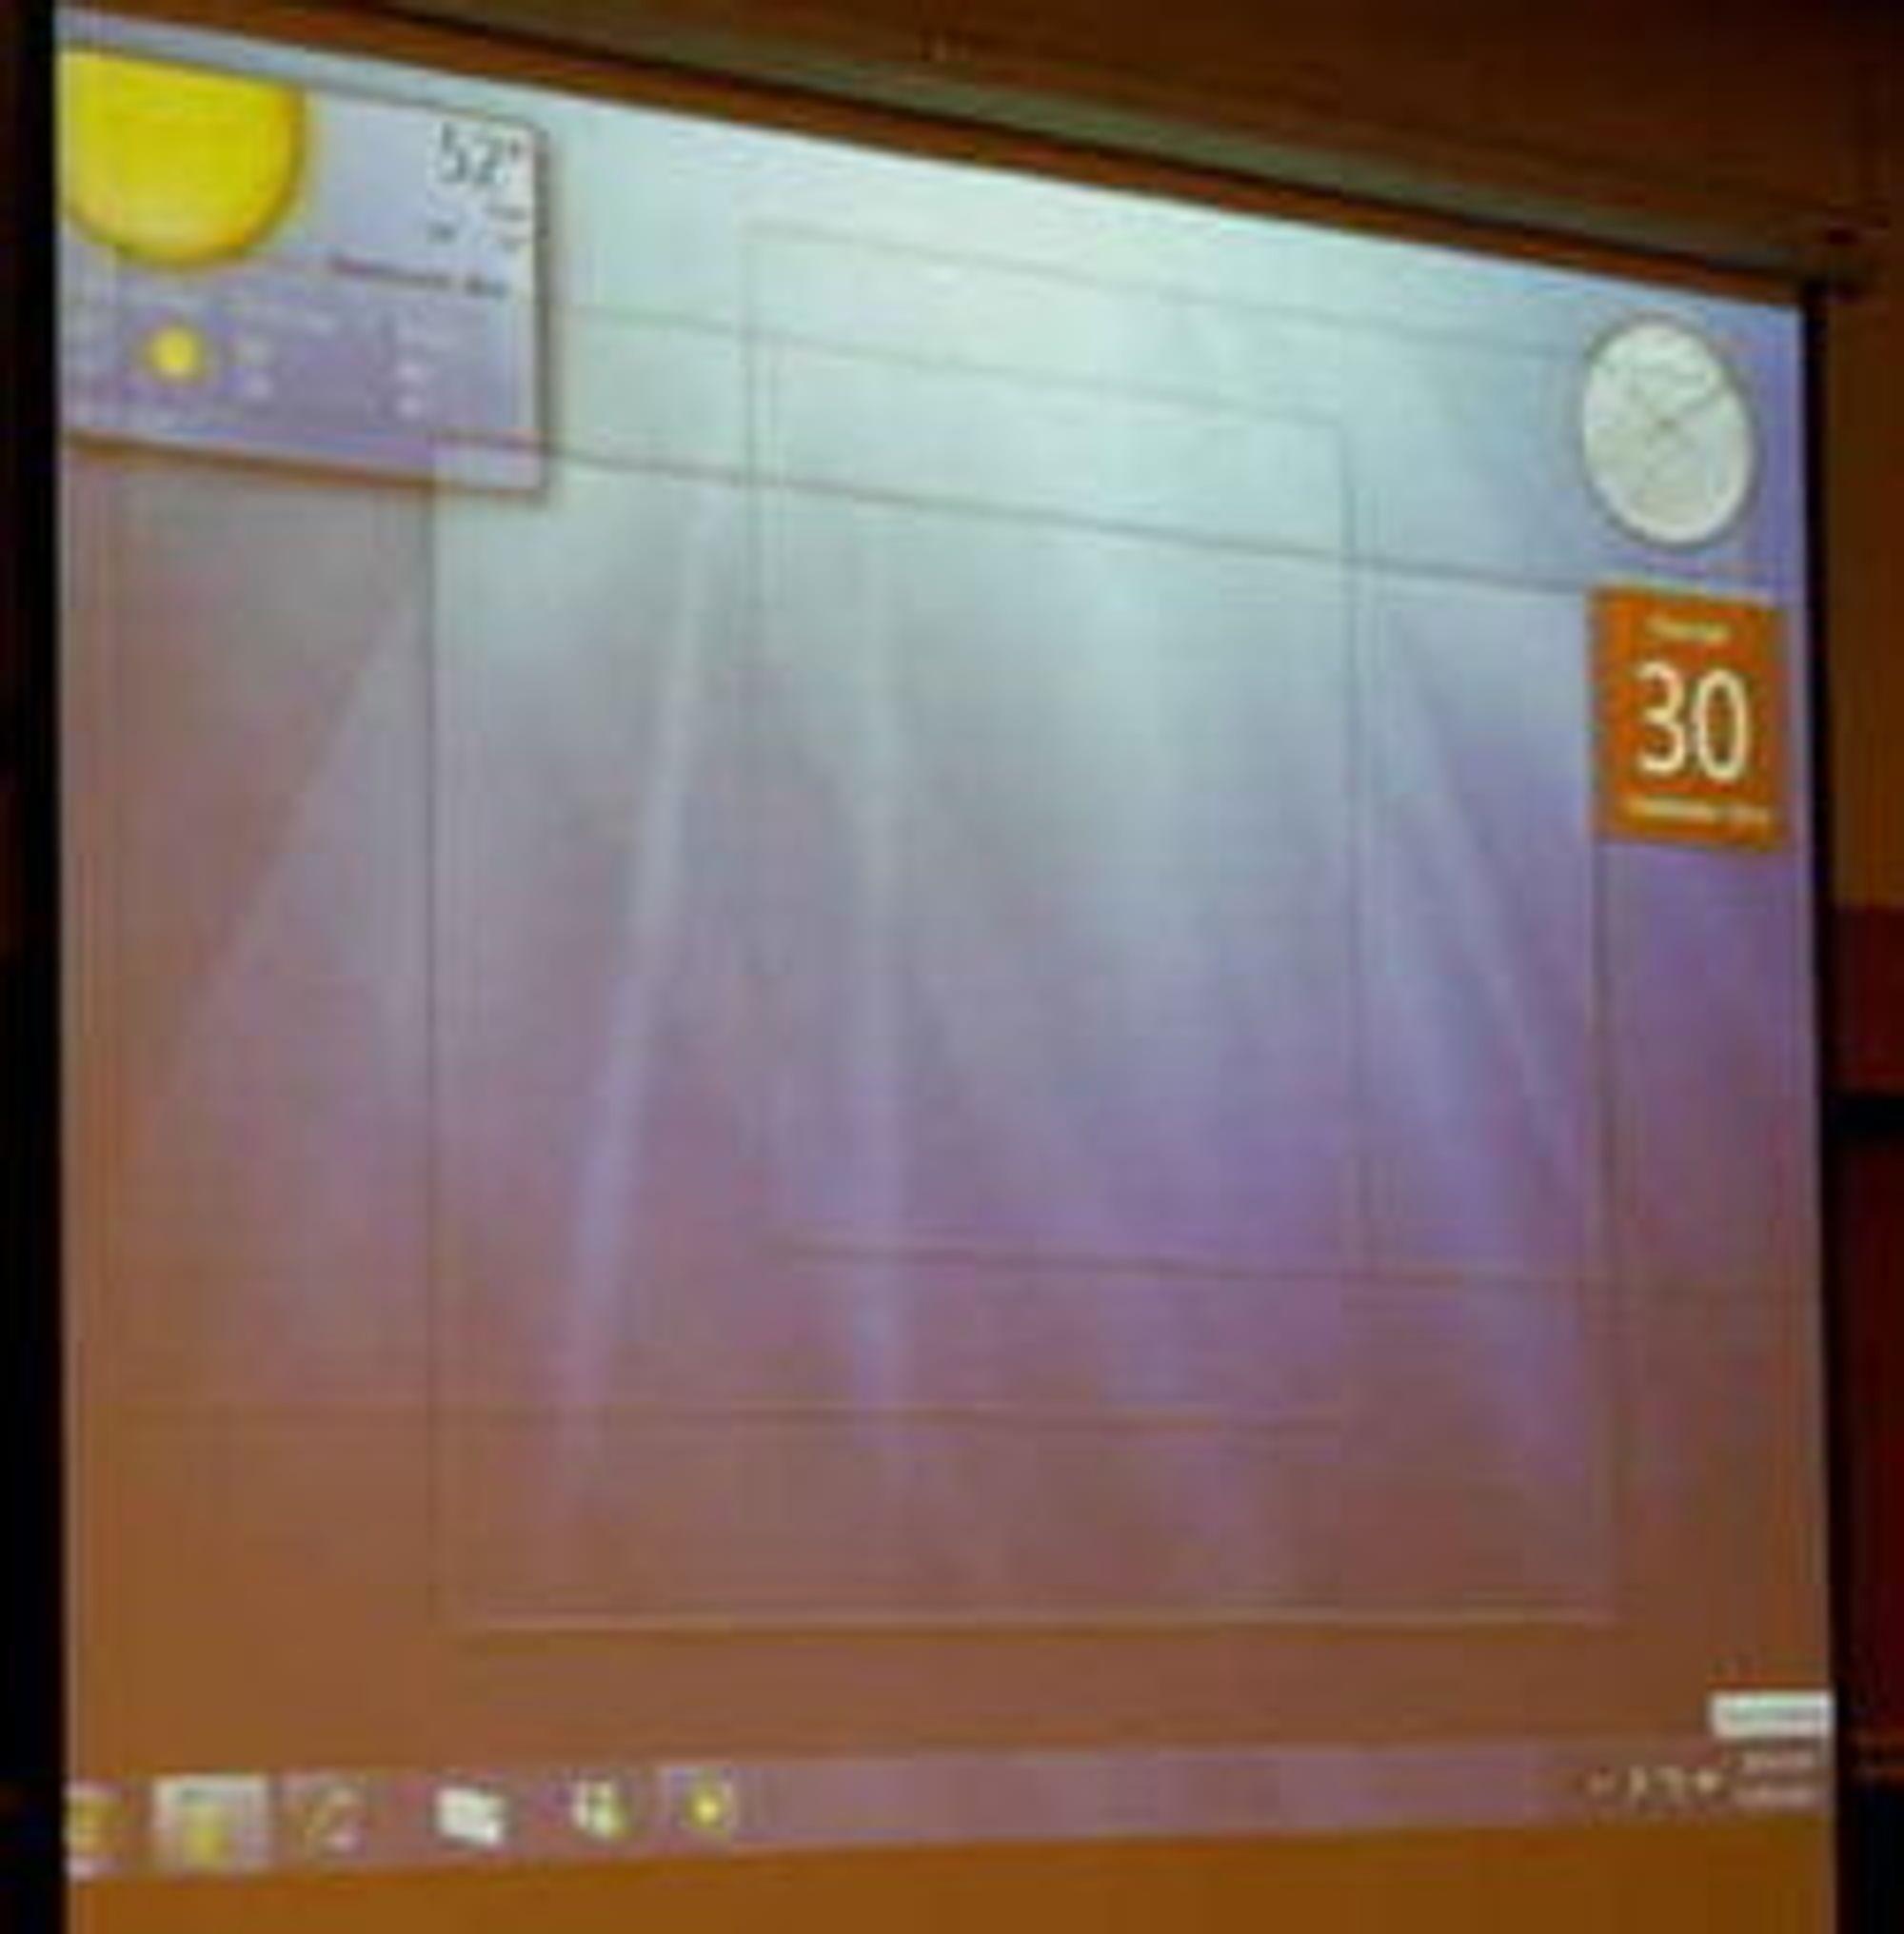 I Windows 7 blir vinduene gjennomsiktlige hvis man drar musen over et ikon nederst til høyre på skjermen.